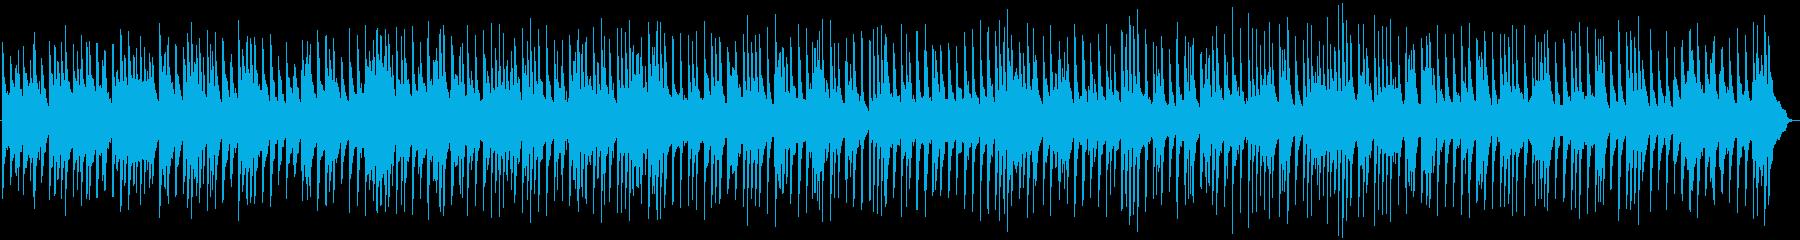 切なく美しいピアノによるバラードBGMの再生済みの波形